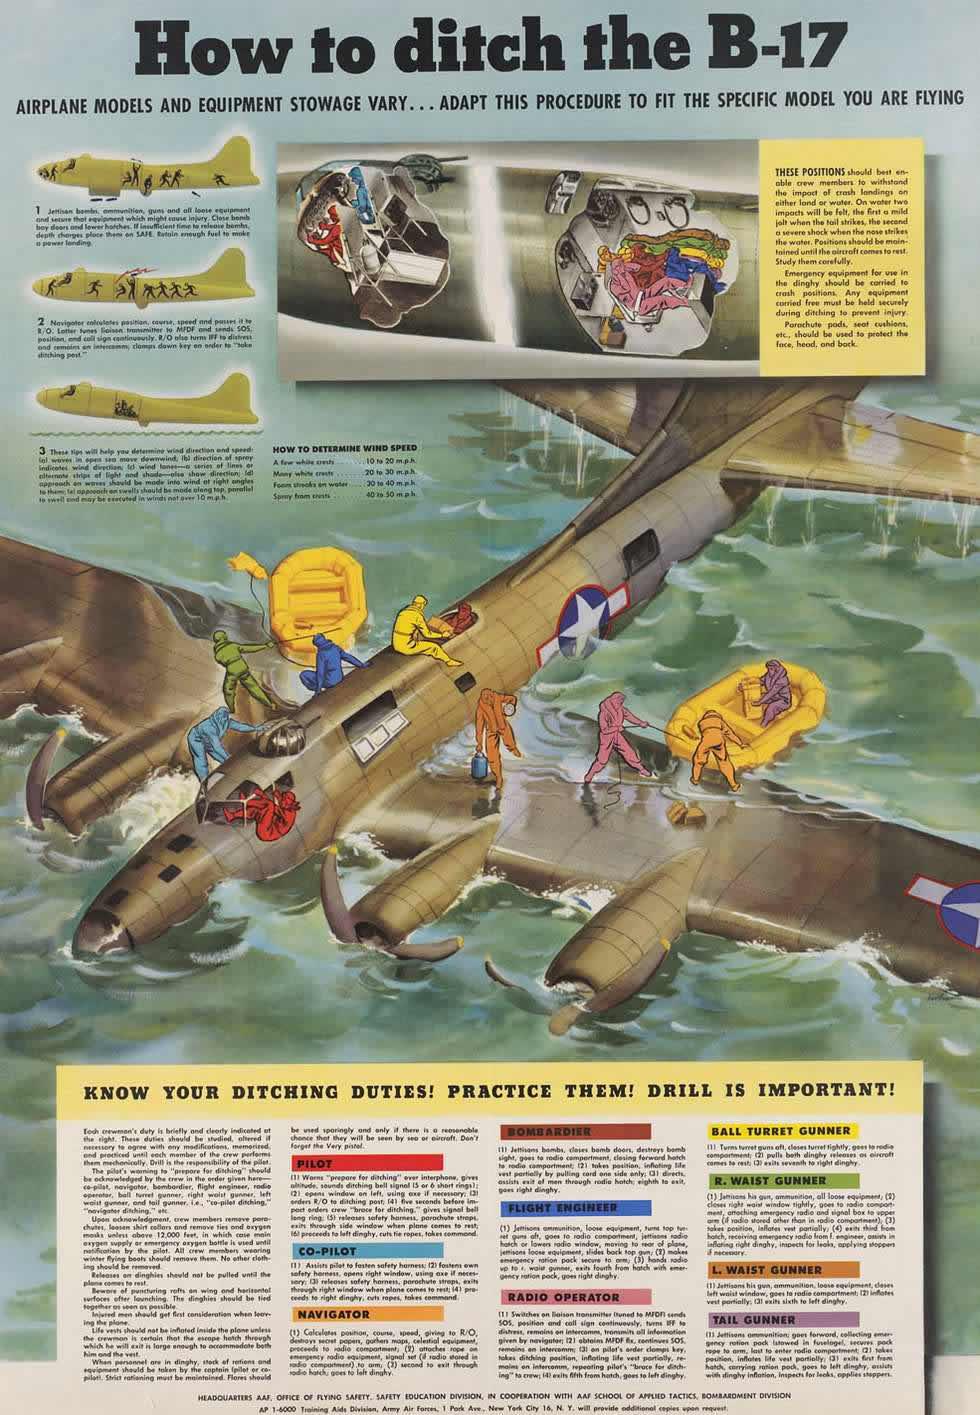 Схема покидания экипажем самолета Boeing B-17 Flying Fortress в случае вынужденного приводнения на поверхность моря